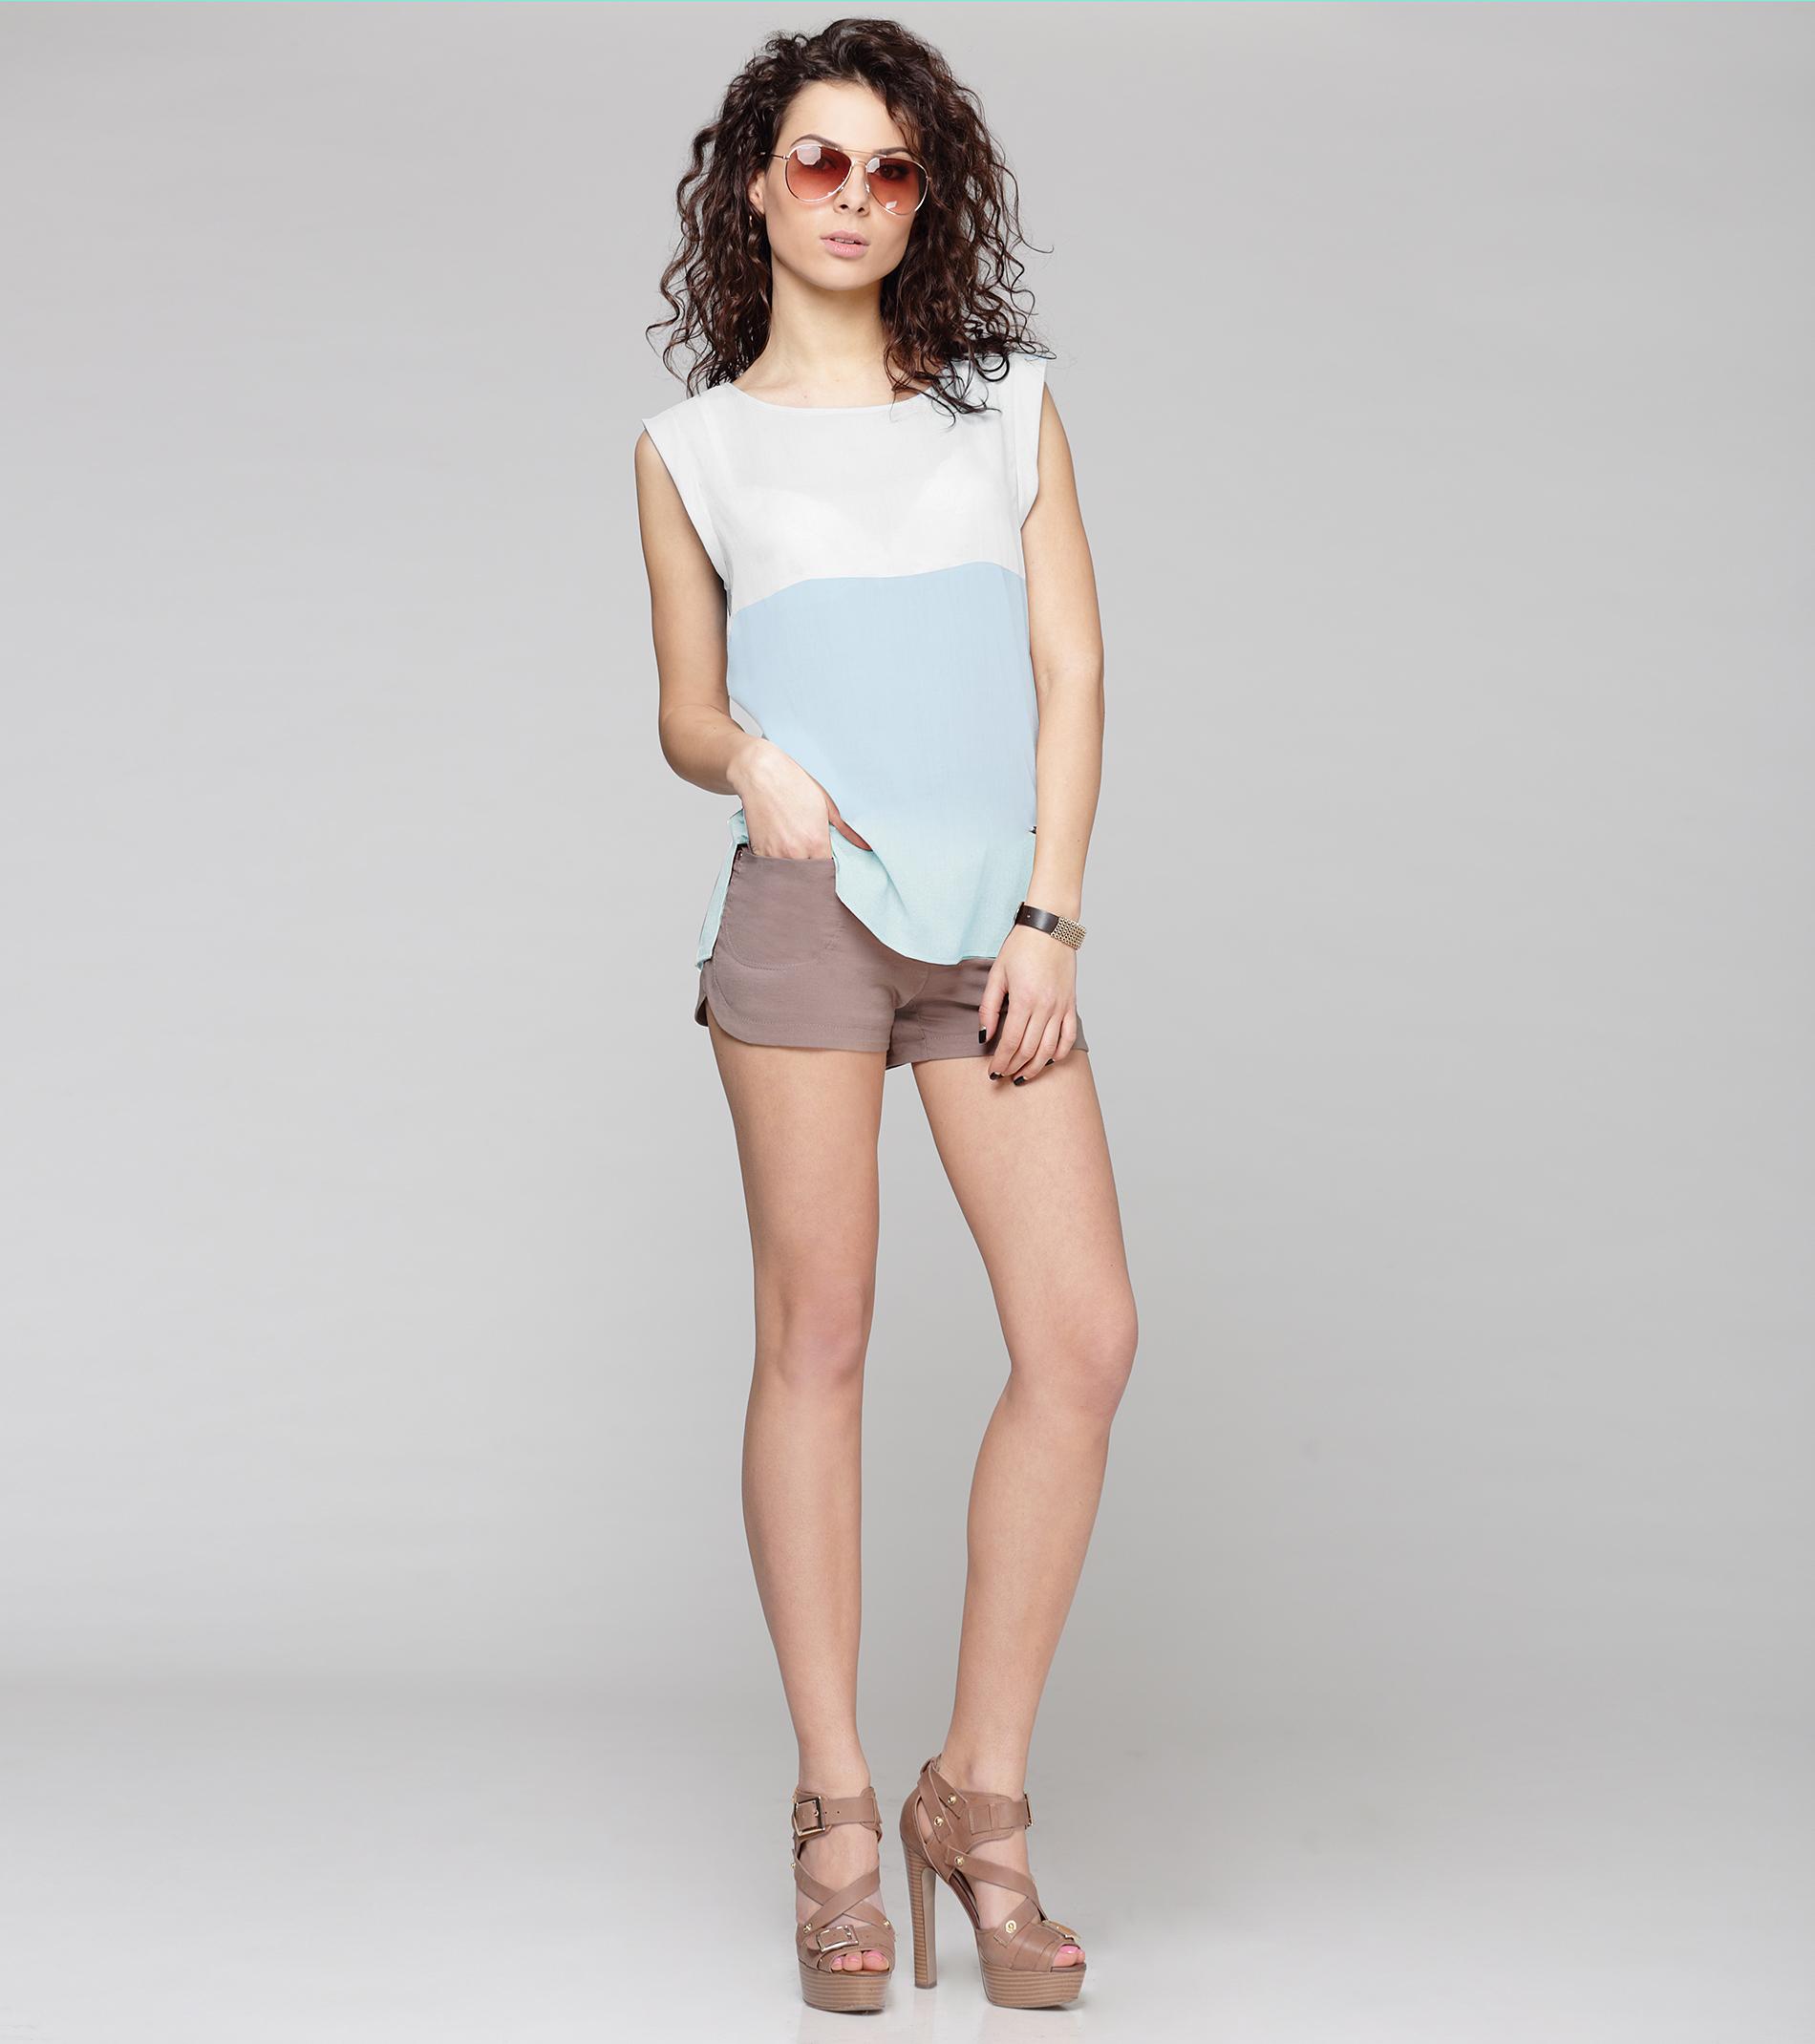 Женская зимняя верхняя одежда недорого купить